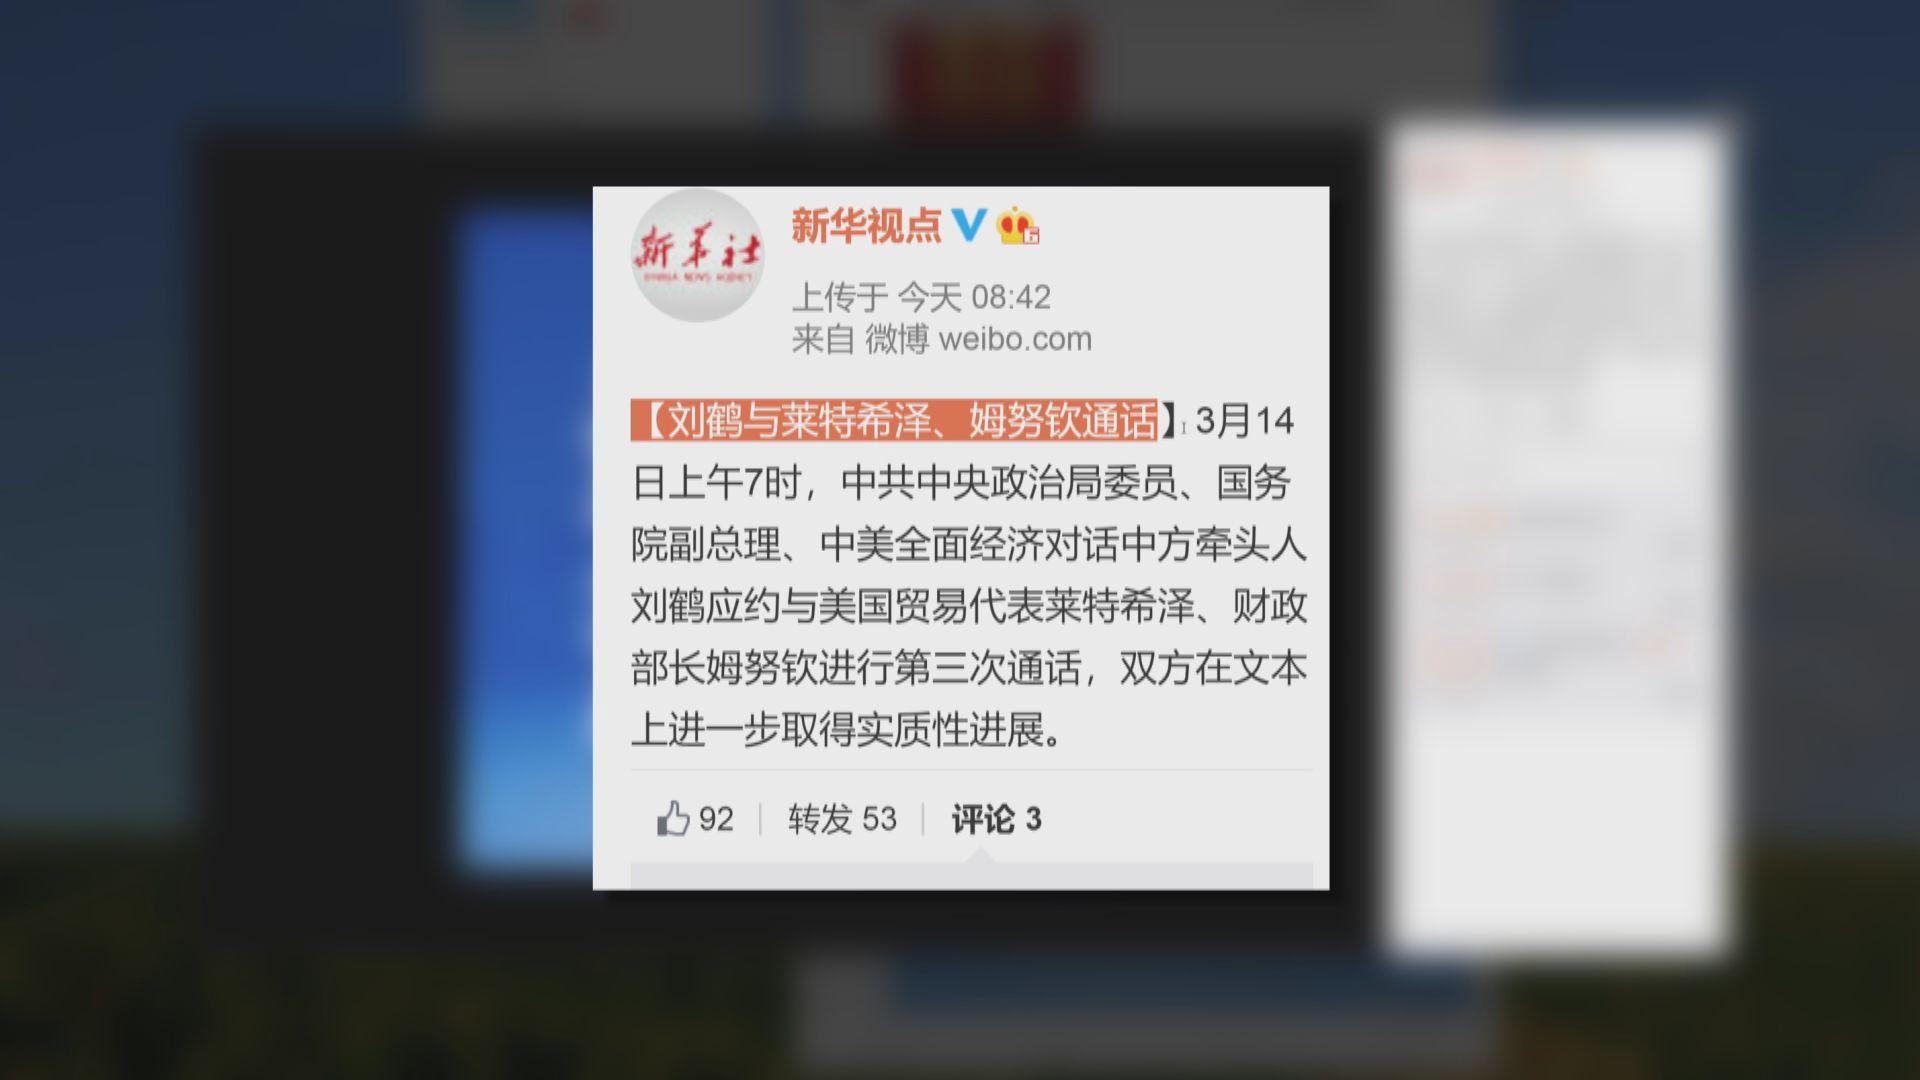 【中美貿戰】劉鶴跟美方代表通話再有進展